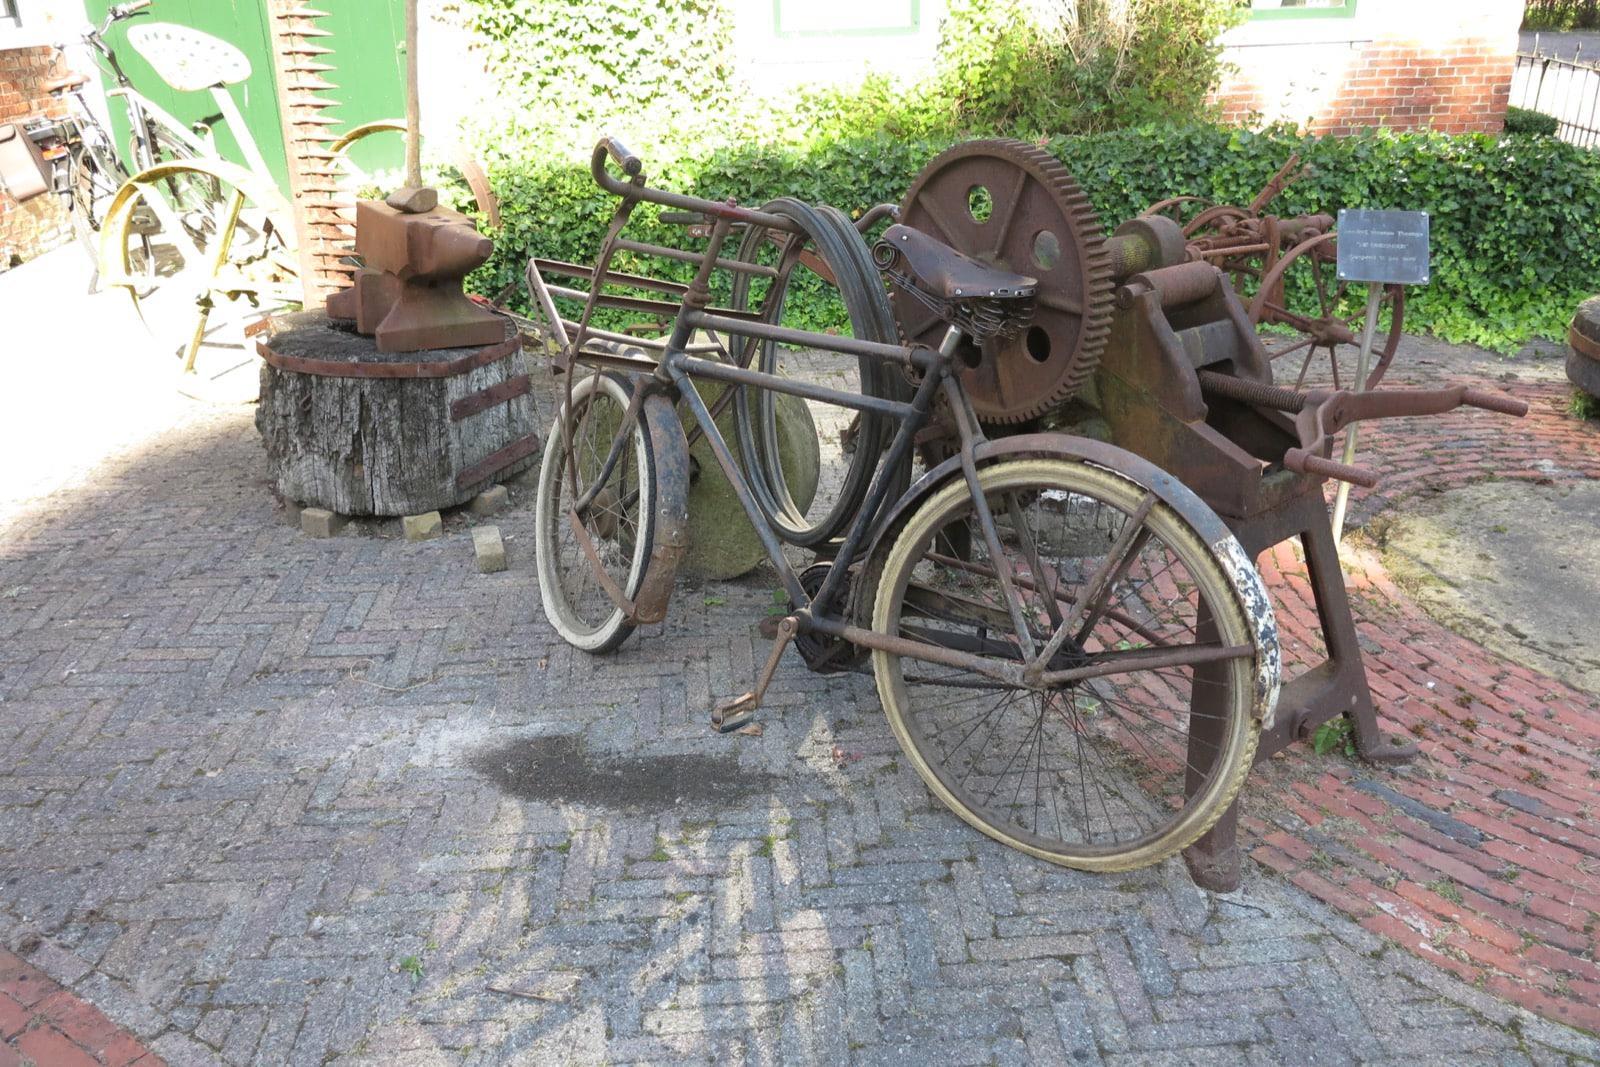 et-fiets-en-fietser-74-bij-het-smederijmuseum-oi.jpg